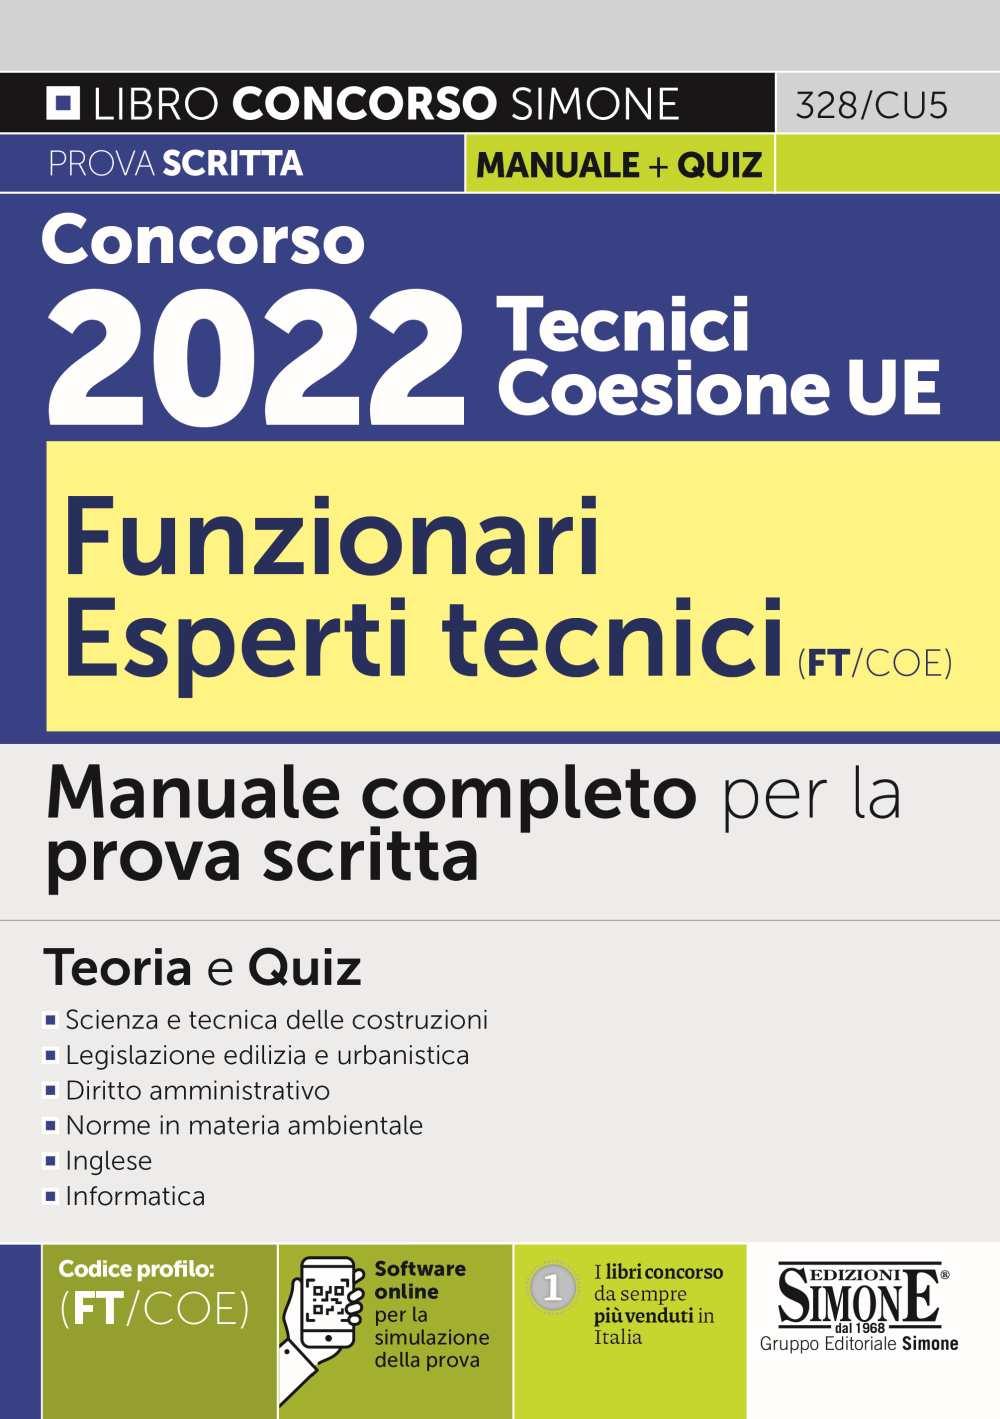 prova scritta del Concorso 2022